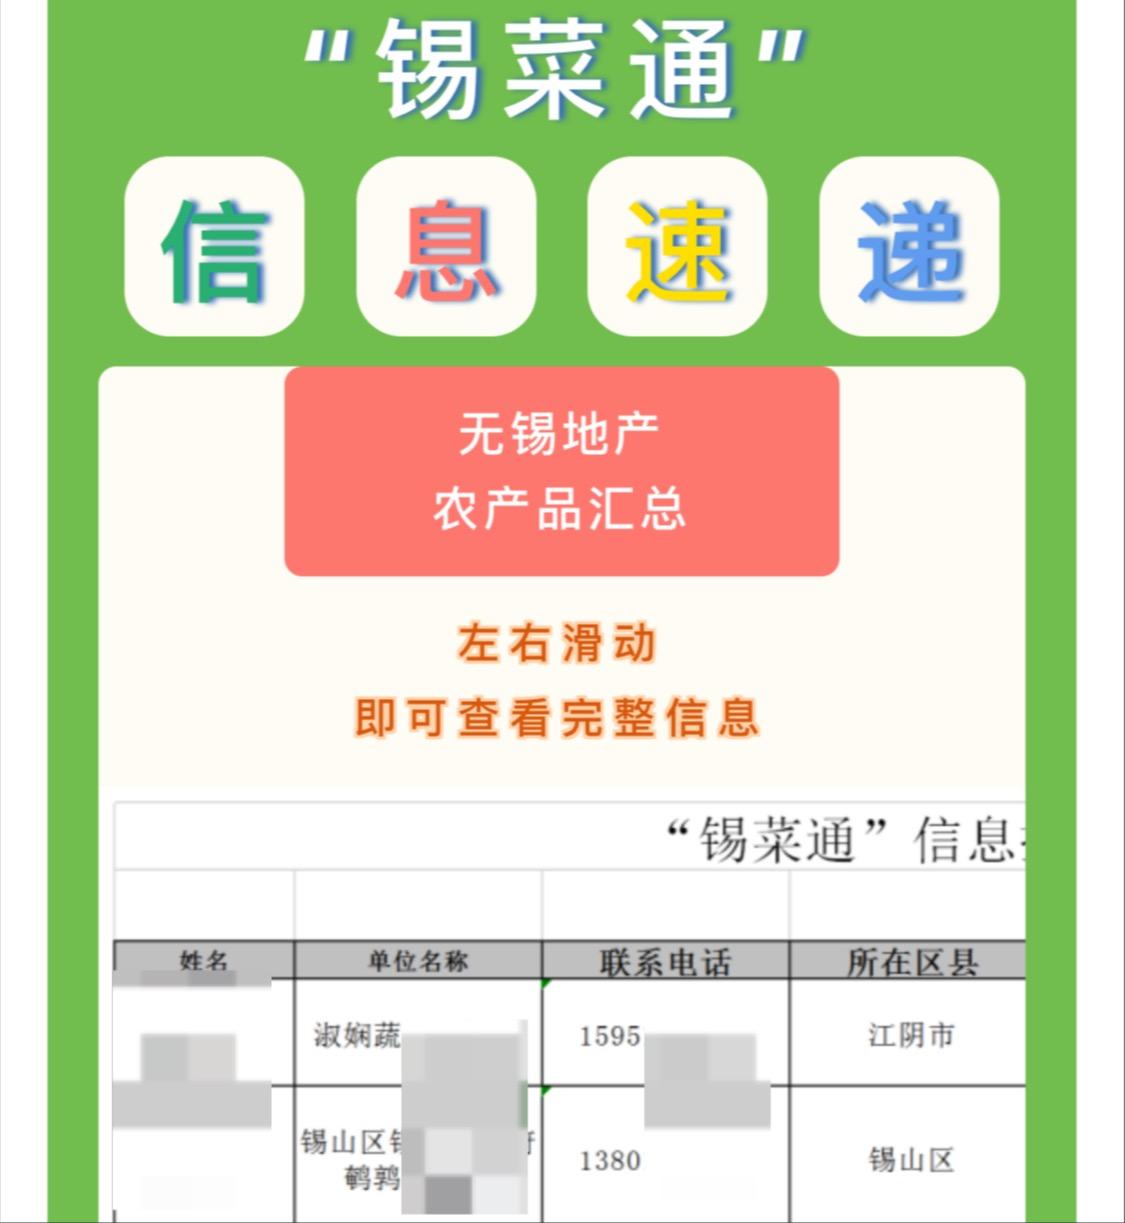 """保障居民""""菜篮子""""!江苏省级以上龙头农企复工率达75.6%"""